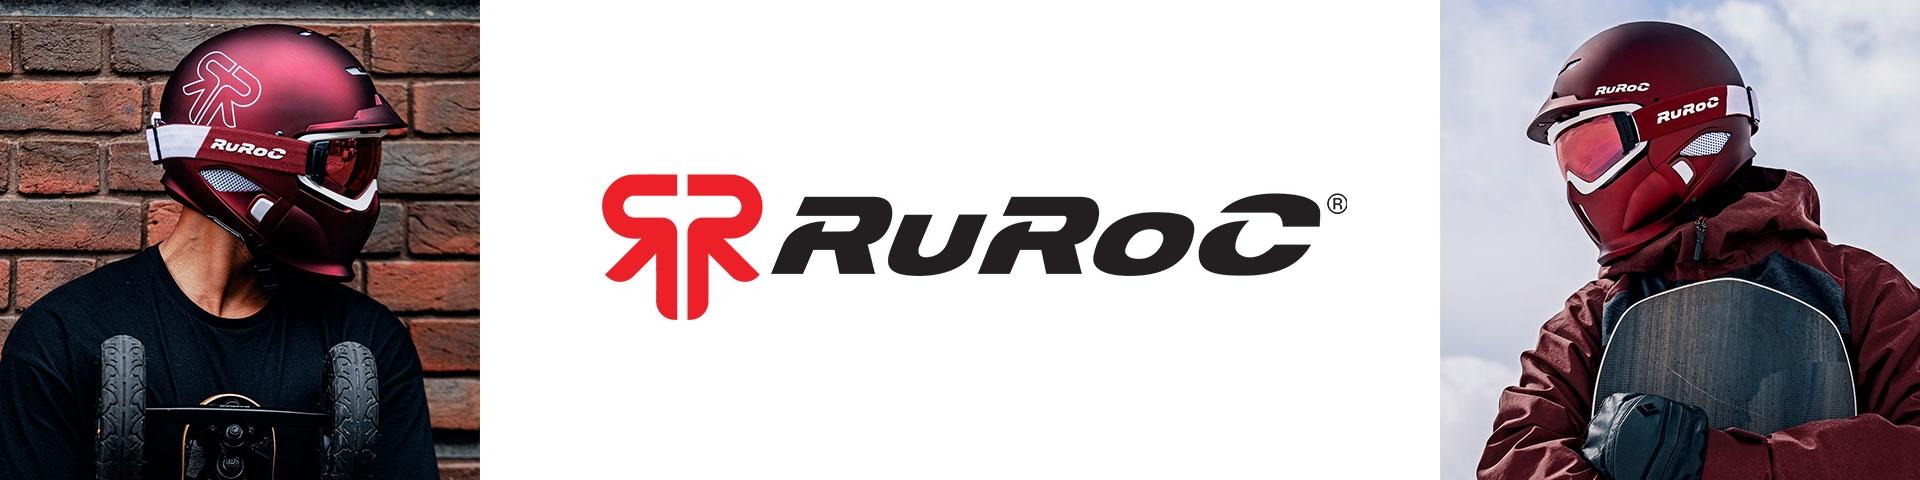 RUROC - Toate modelele